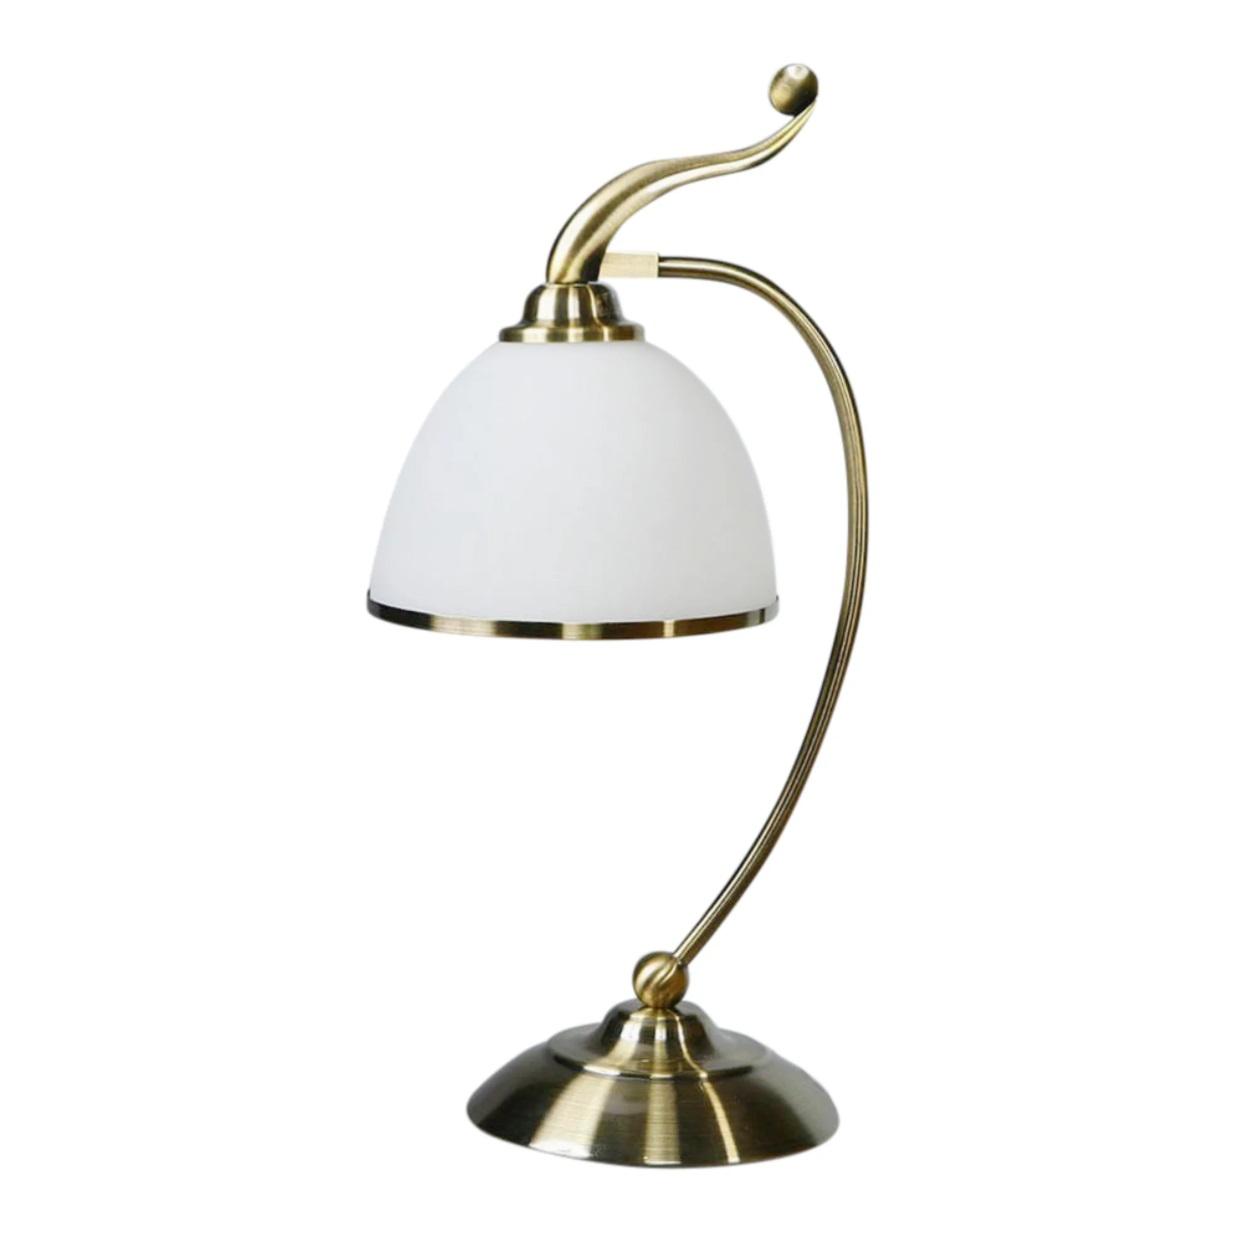 Лампа настольная Brizzi ma 02401t/001 bronze настольная лампа brizzi ma 01625t 001 bronze cream